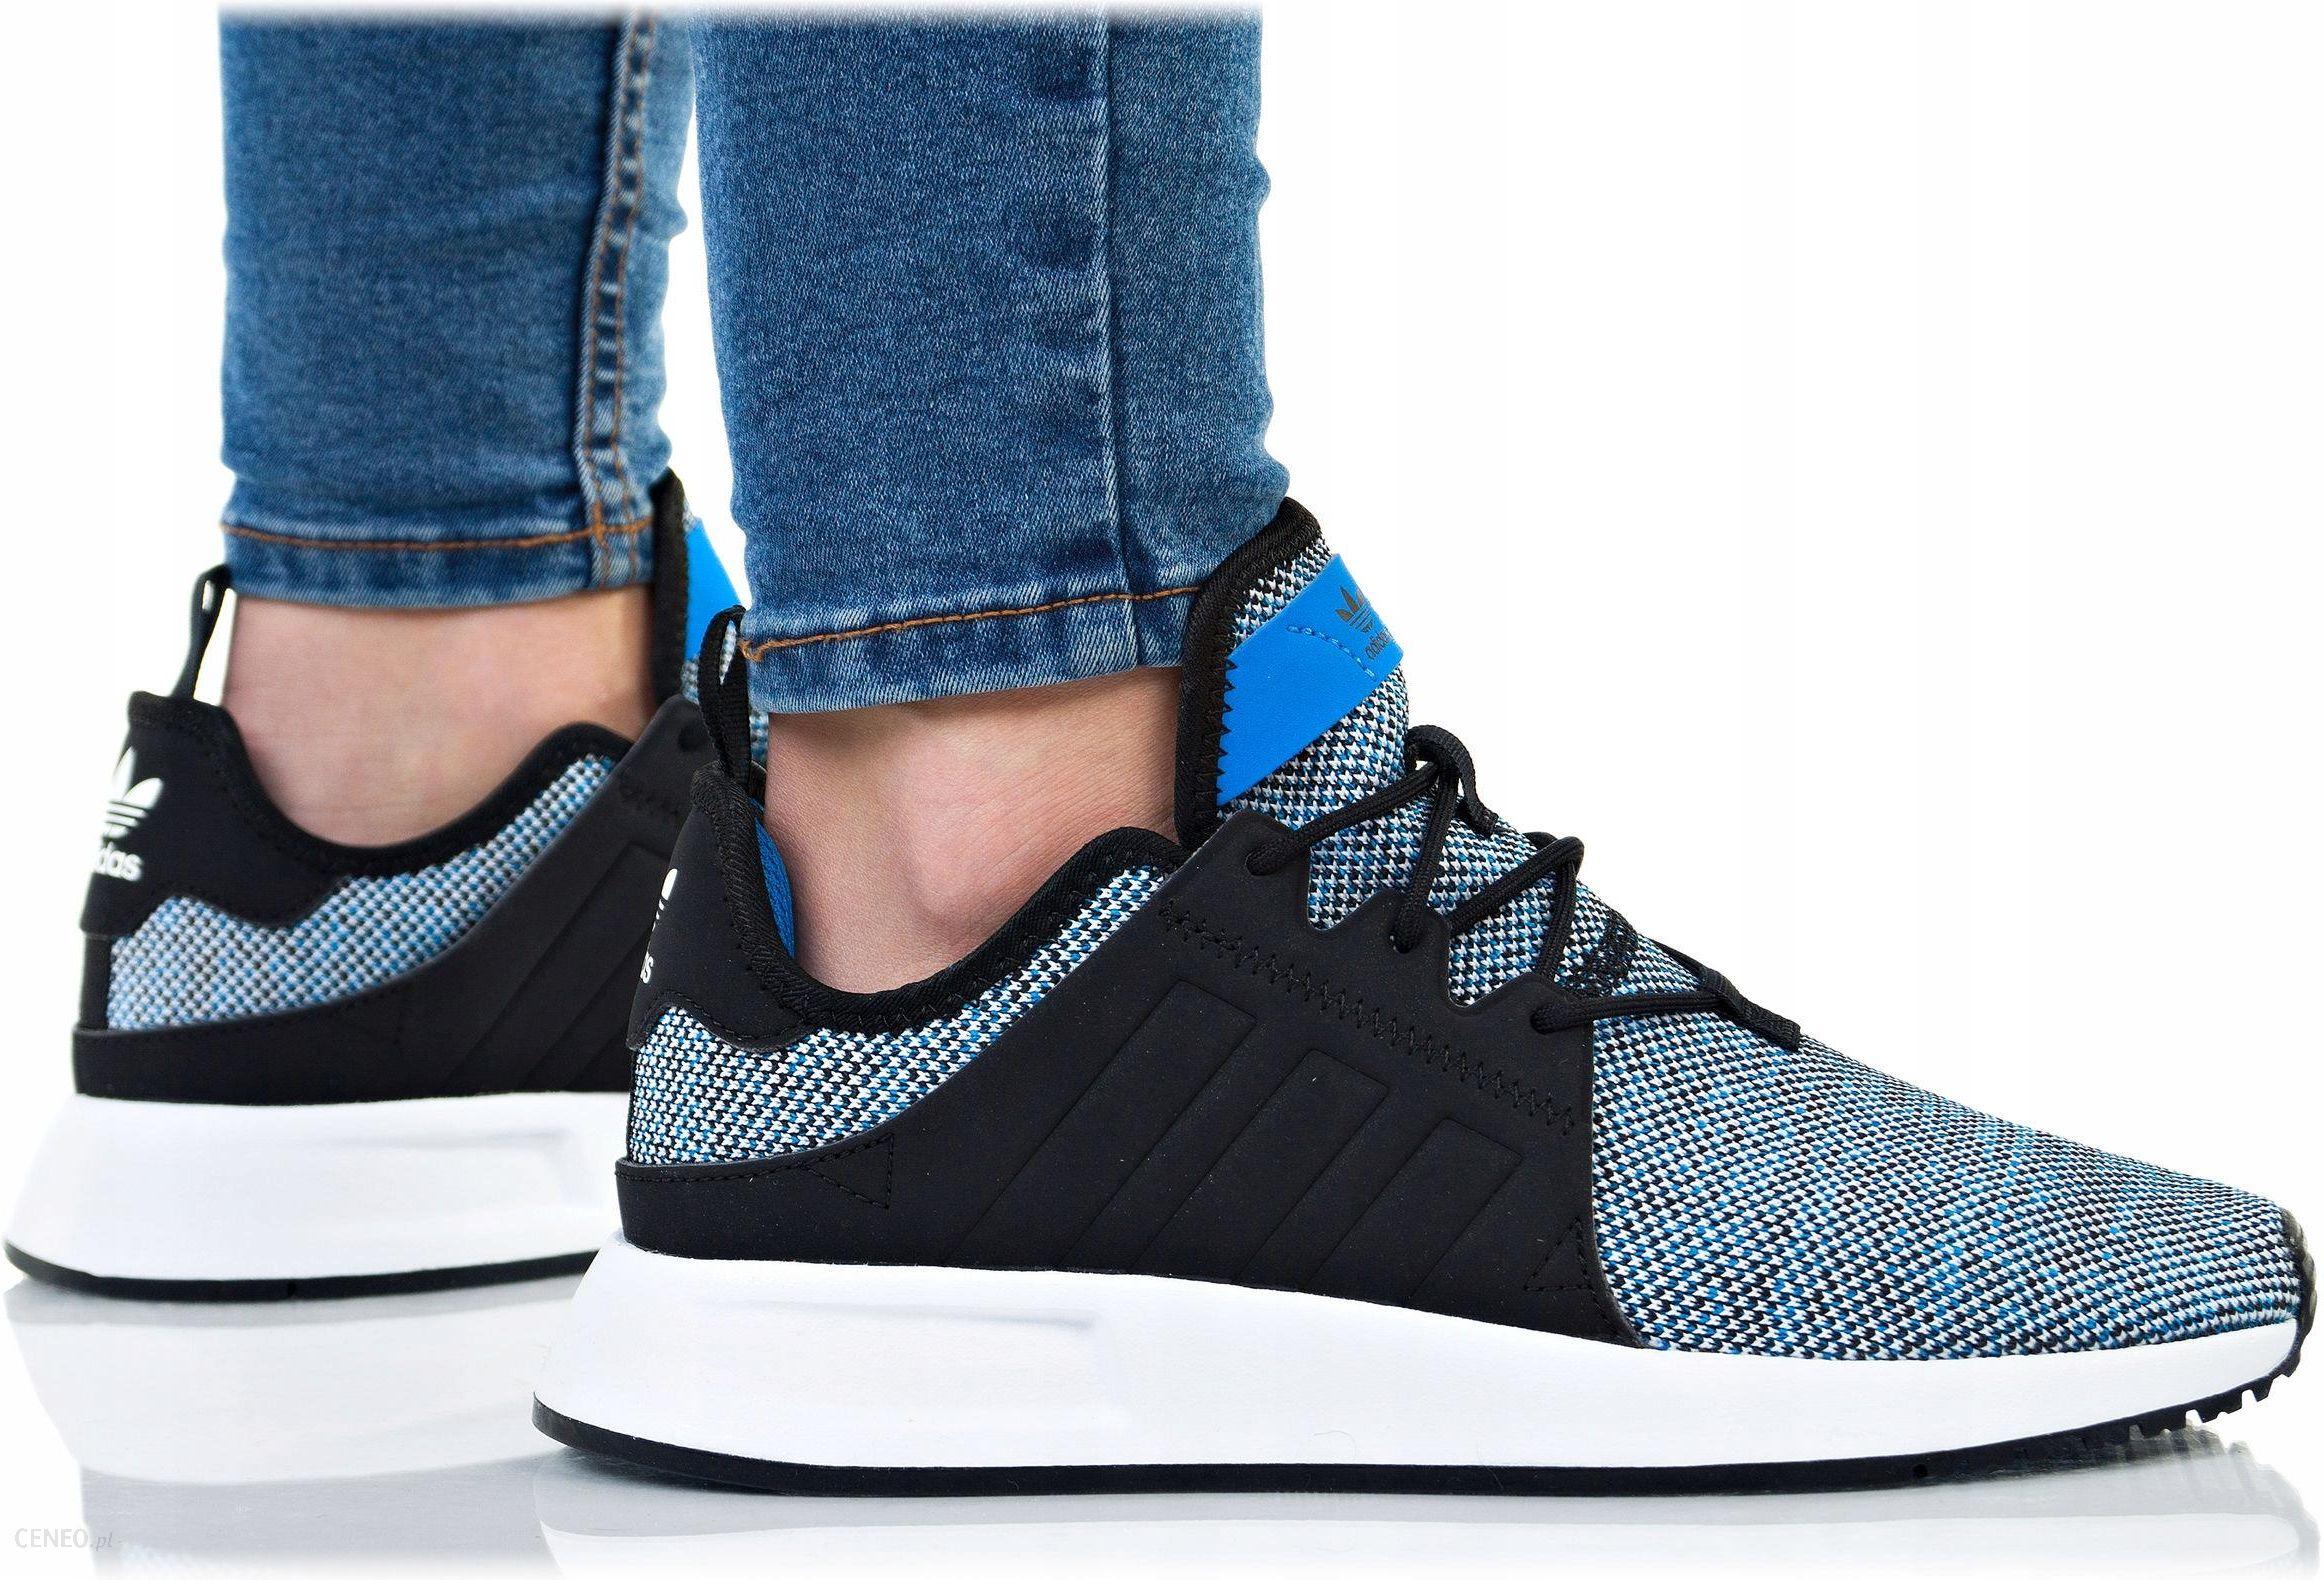 Buty Adidas Damskie X_plr J B41789 Originals Ceny i opinie Ceneo.pl